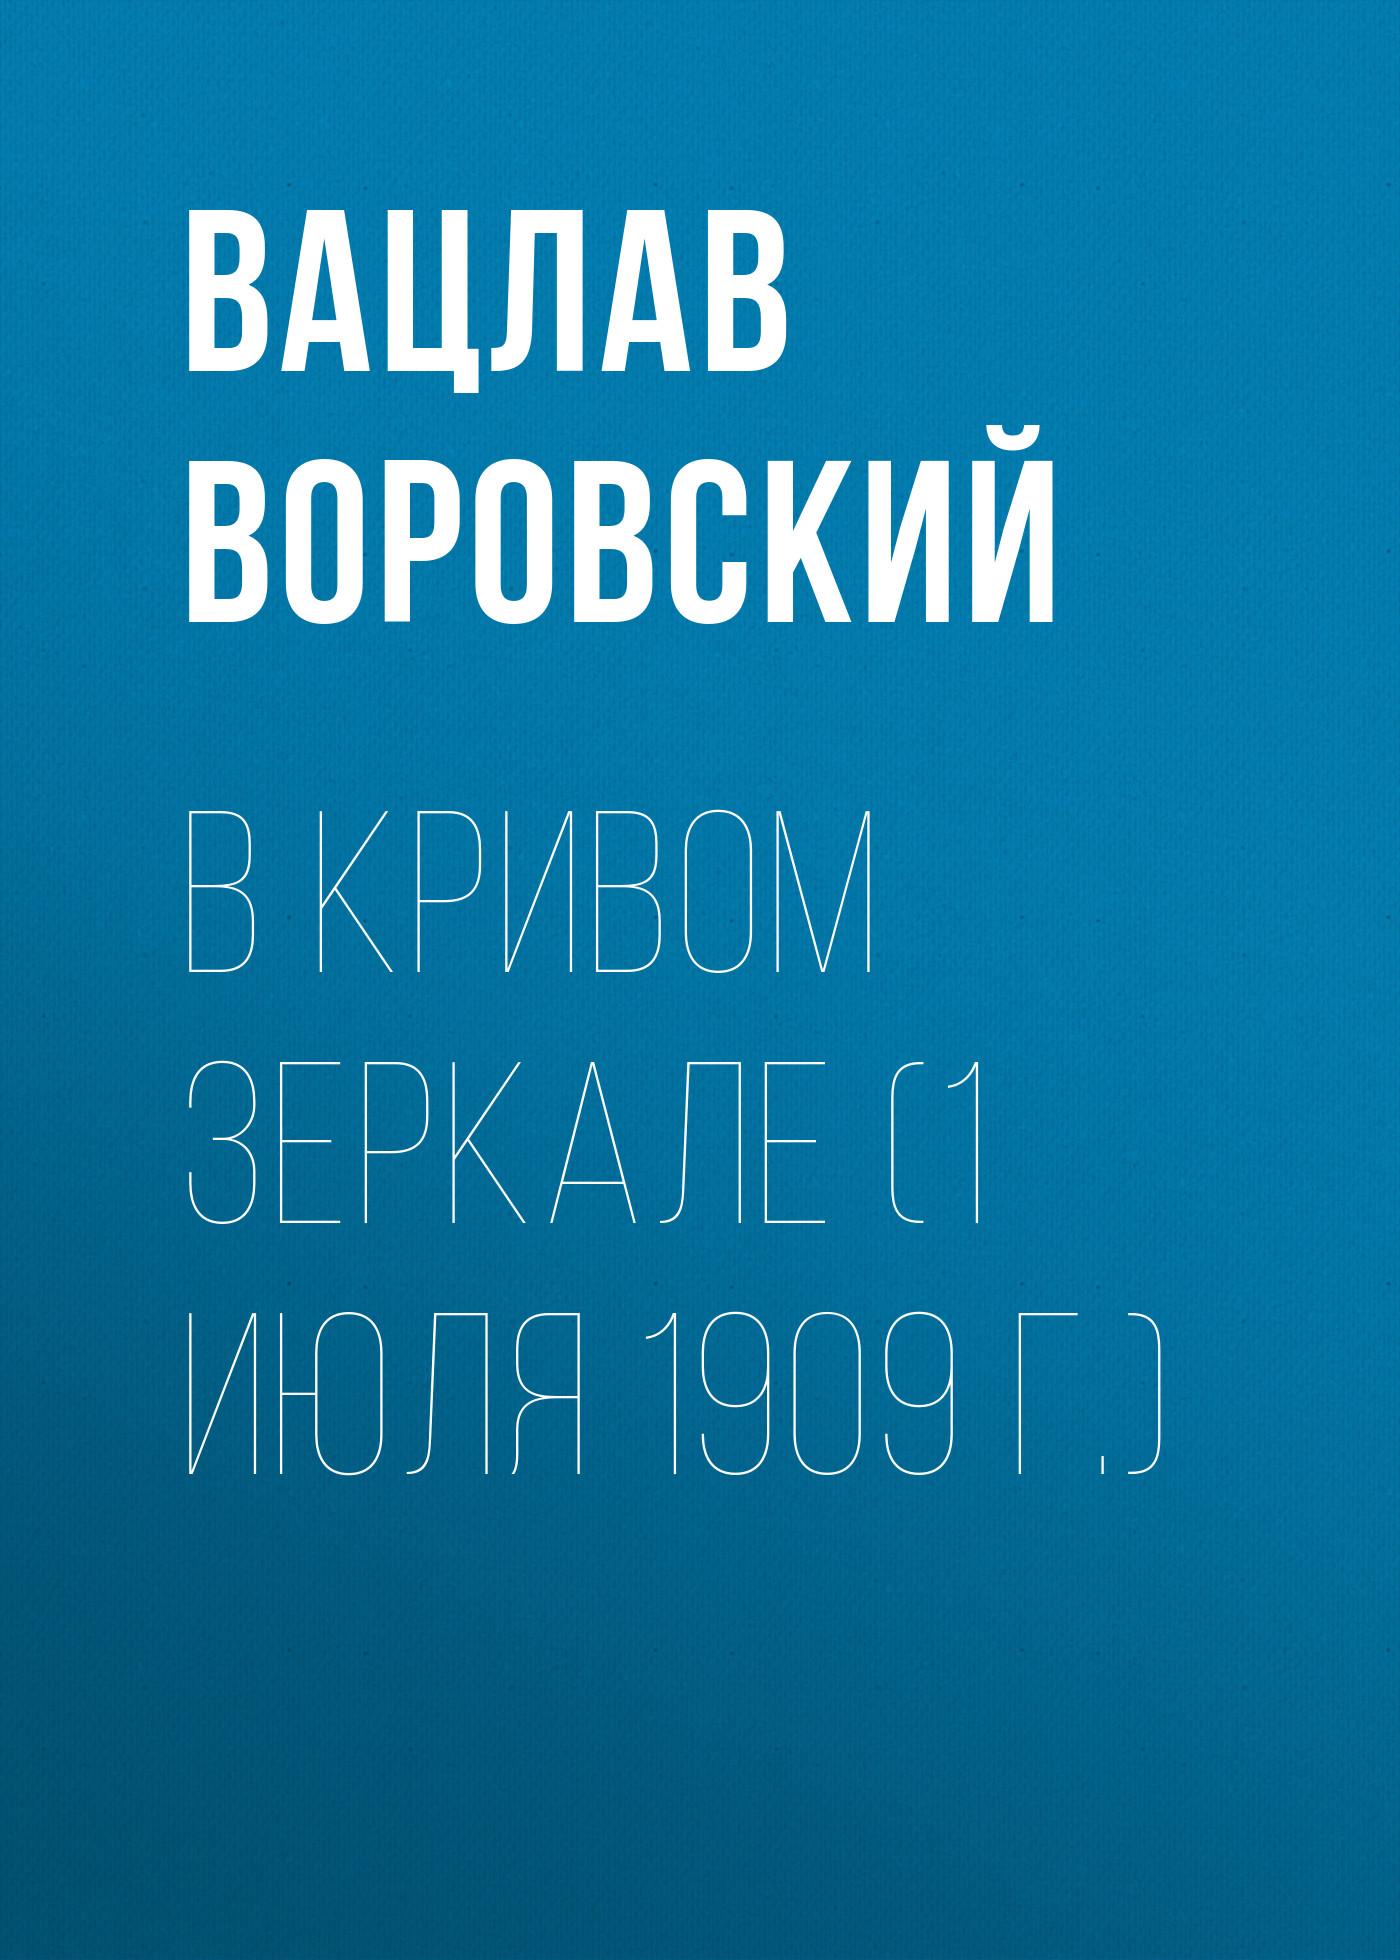 Вацлав Воровский В кривом зеркале (1 июля 1909 г.) вацлав воровский в кривом зеркале 10 декабря 1908 г